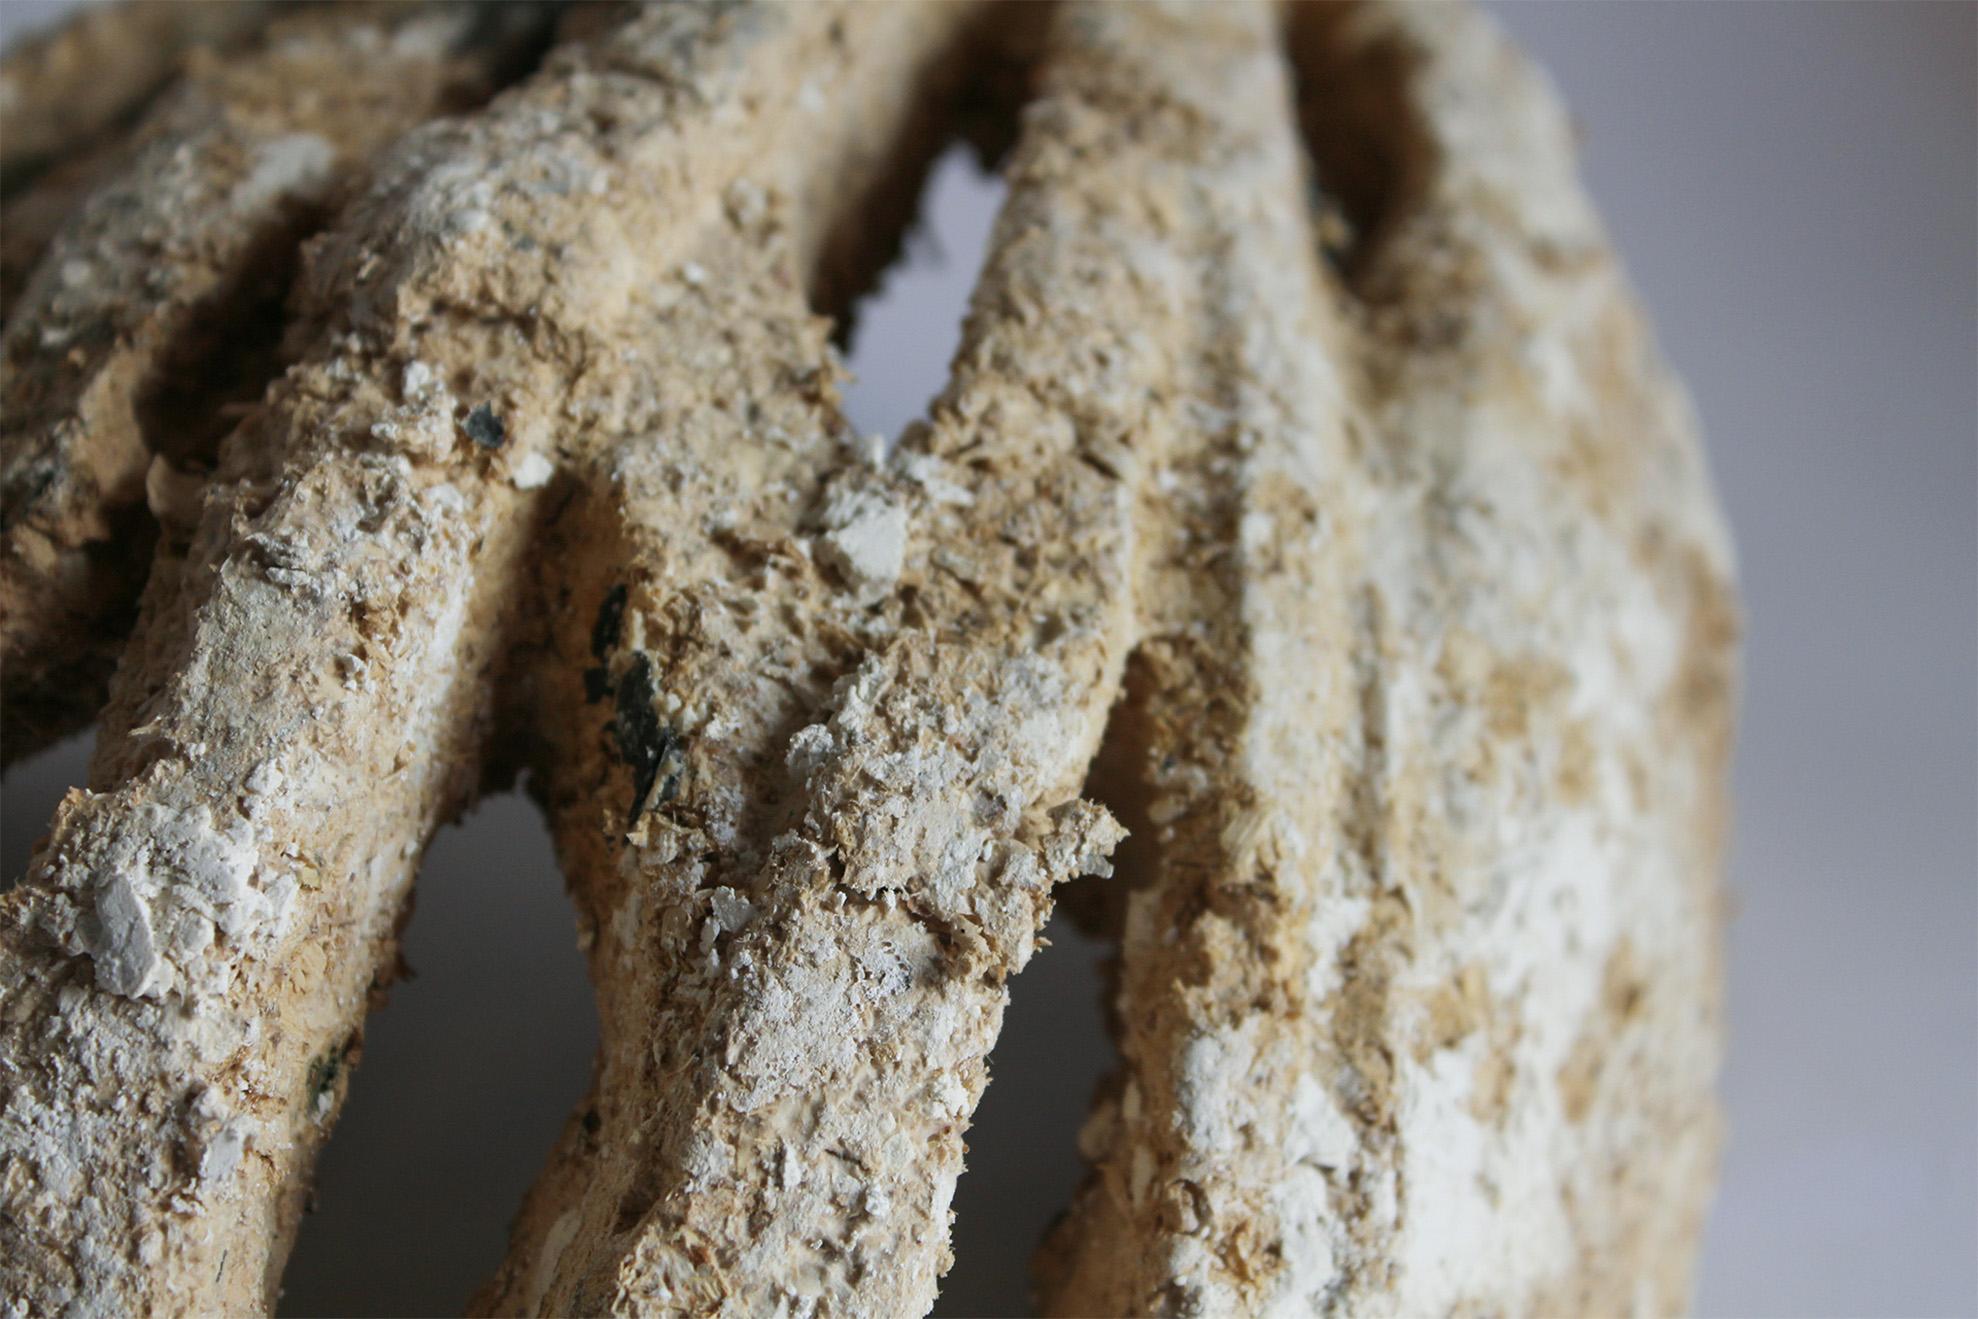 Mycelium_Image_06_01.jpg